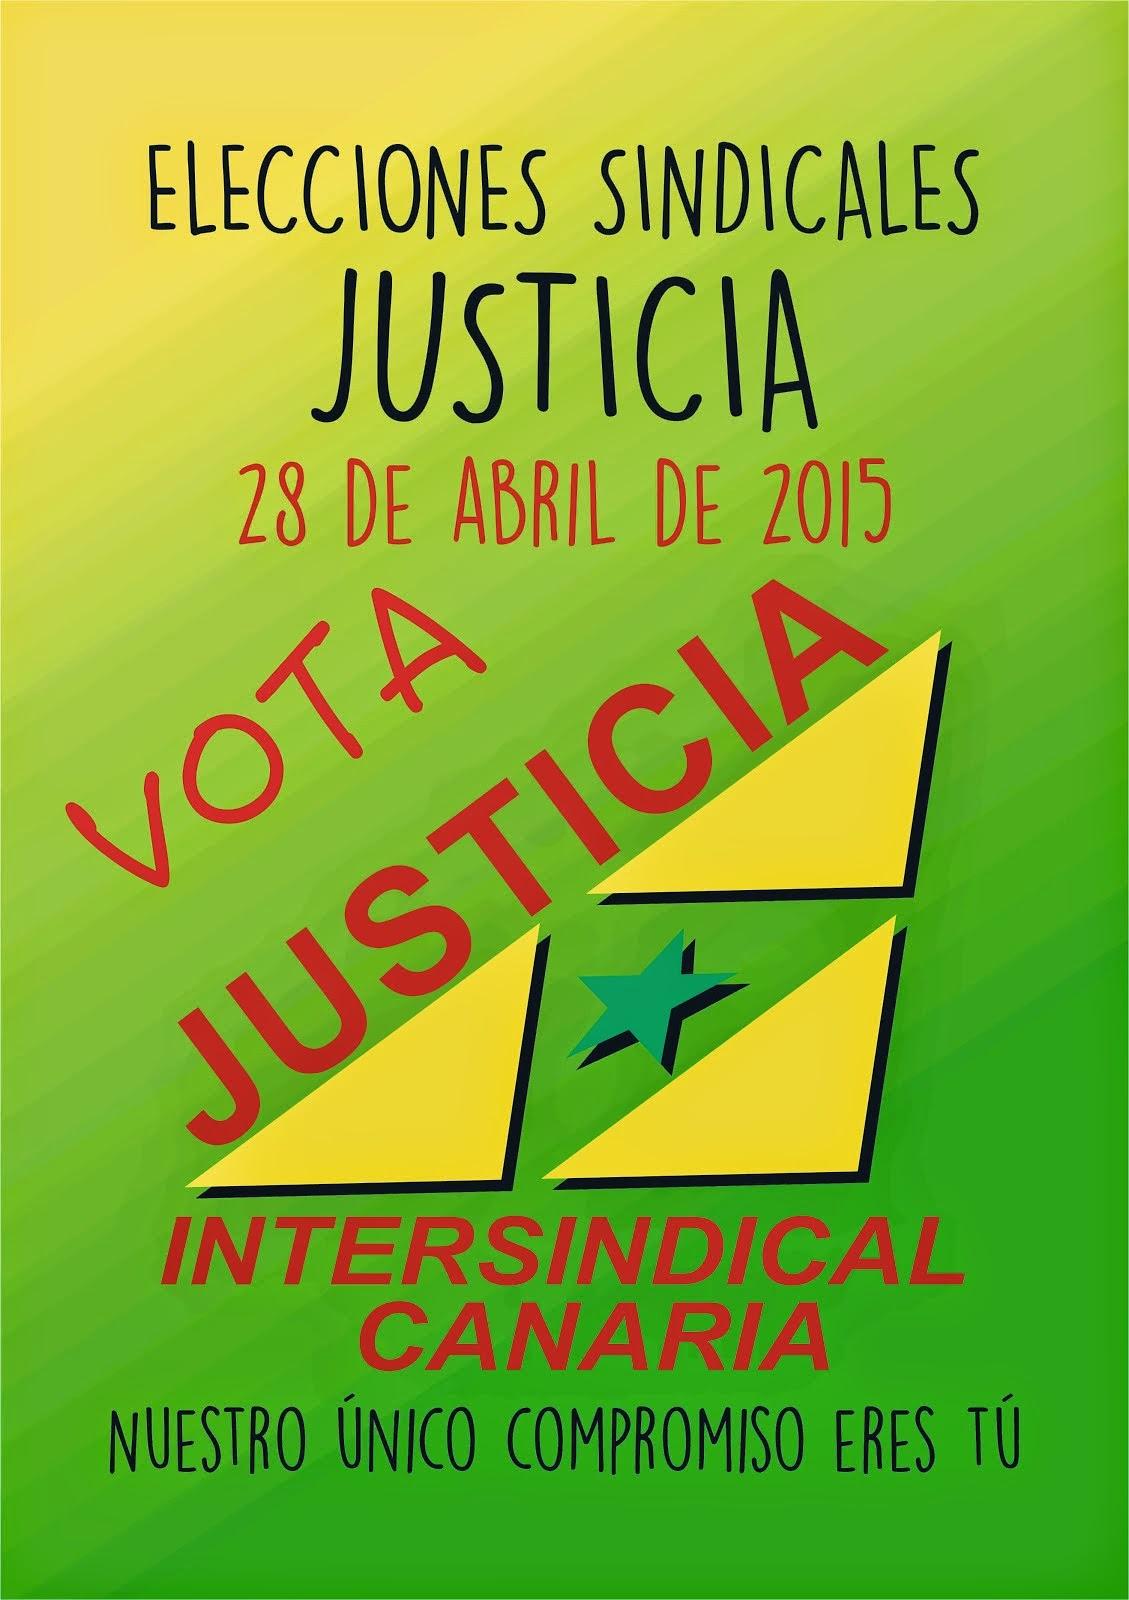 ELECCIONES SINDICALES JUSTICIA